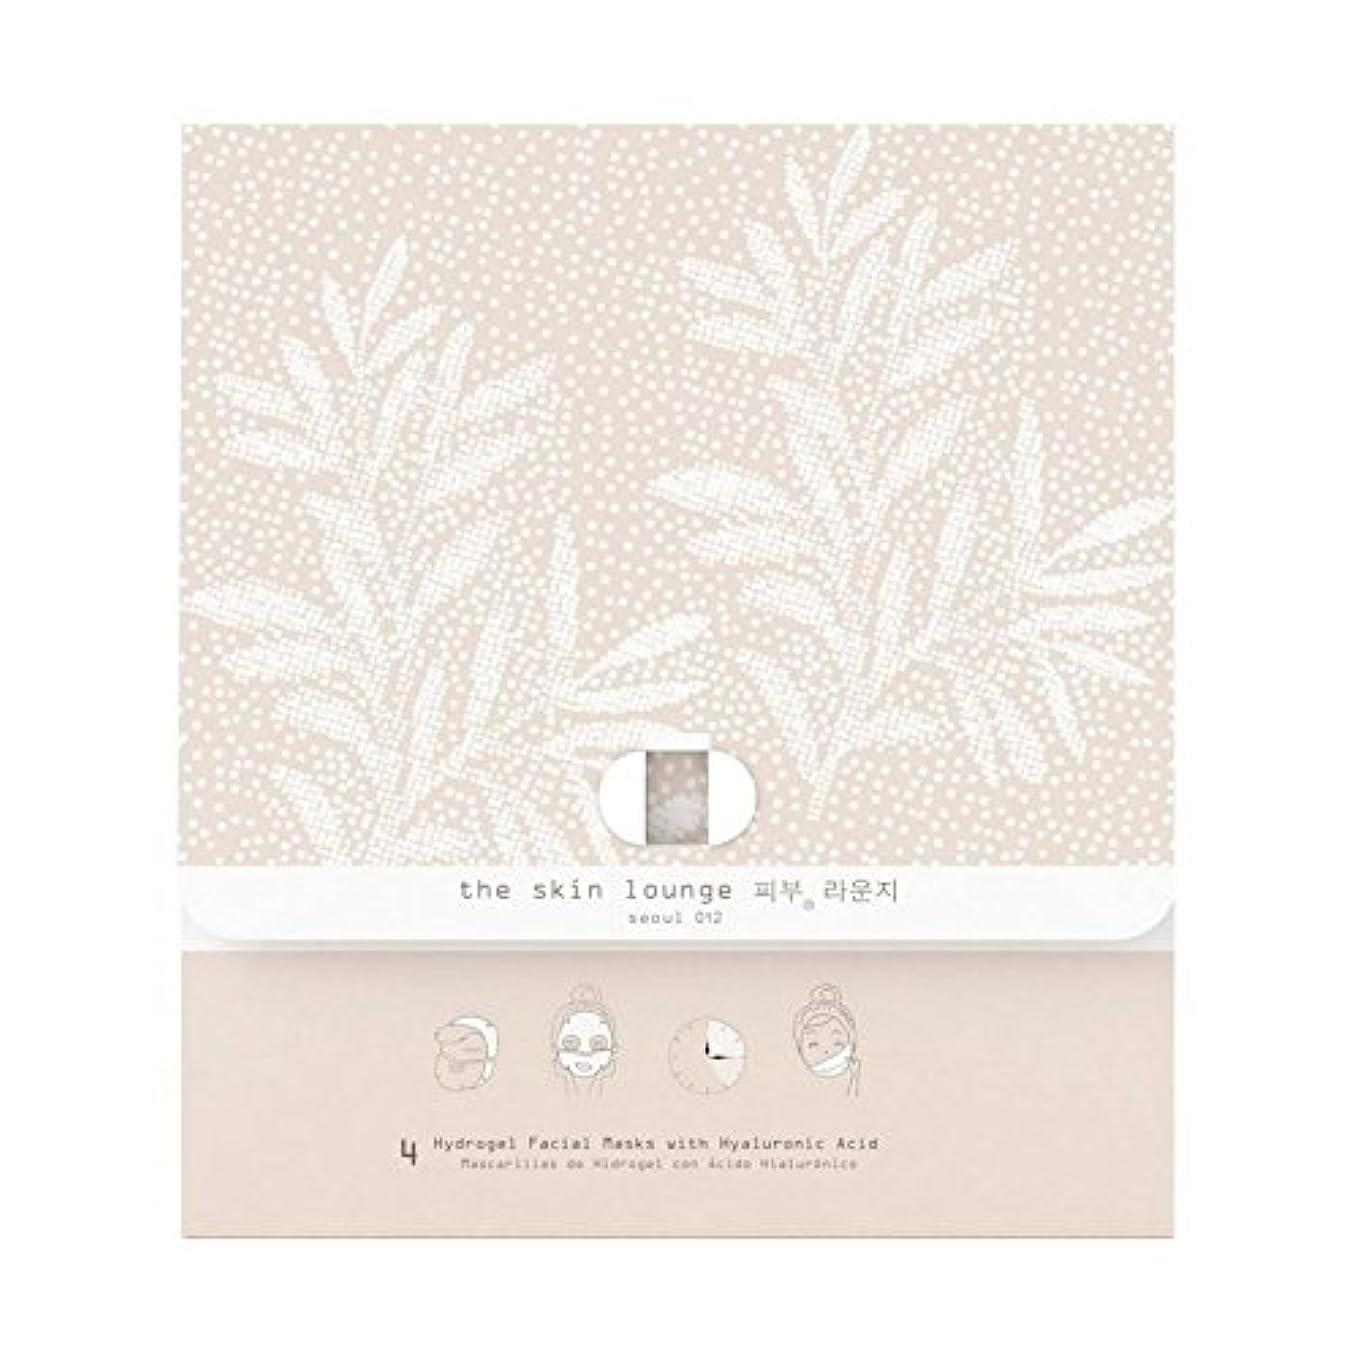 ピザ癌博物館4の皮膚ラウンジヒドロゲルヘクタールパック x4 - The Skin Lounge Hydrogel HA Pack of 4 (Pack of 4) [並行輸入品]